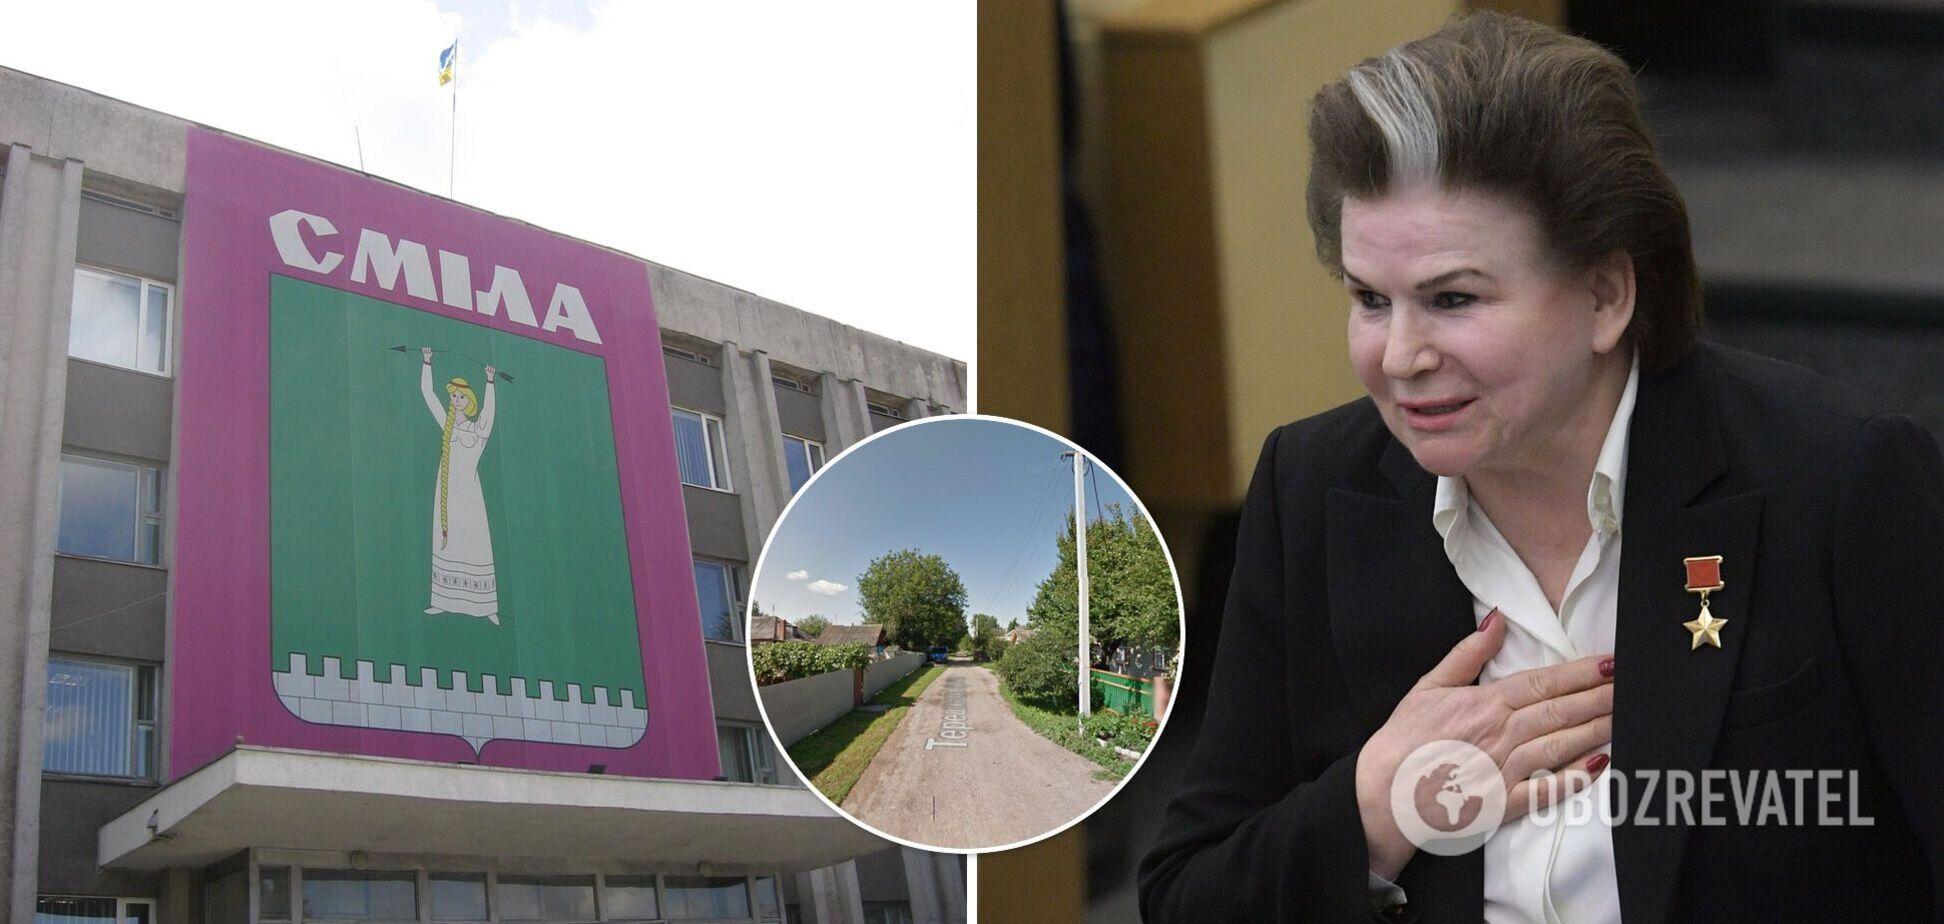 На Черкащині відмовилися від ідеї перейменувати вулицю 'єдинороски' Терешкової на честь загиблих у війні на Донбасі